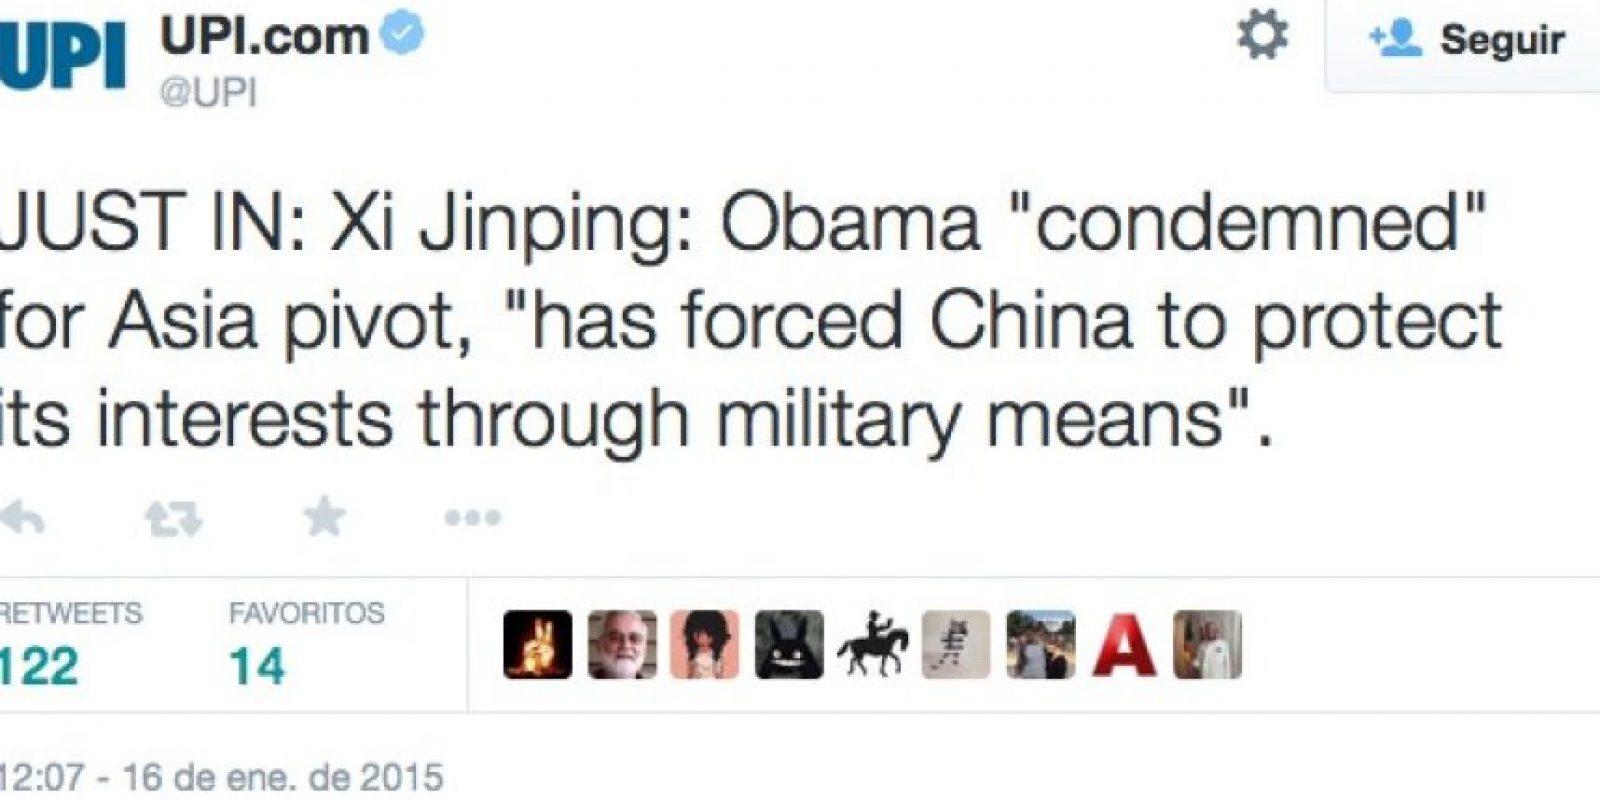 """""""Actualización: Xi Jinping: 'Obama ha obligado a China a proteger sus intereses a través de medios militares"""" Foto:Twitter"""